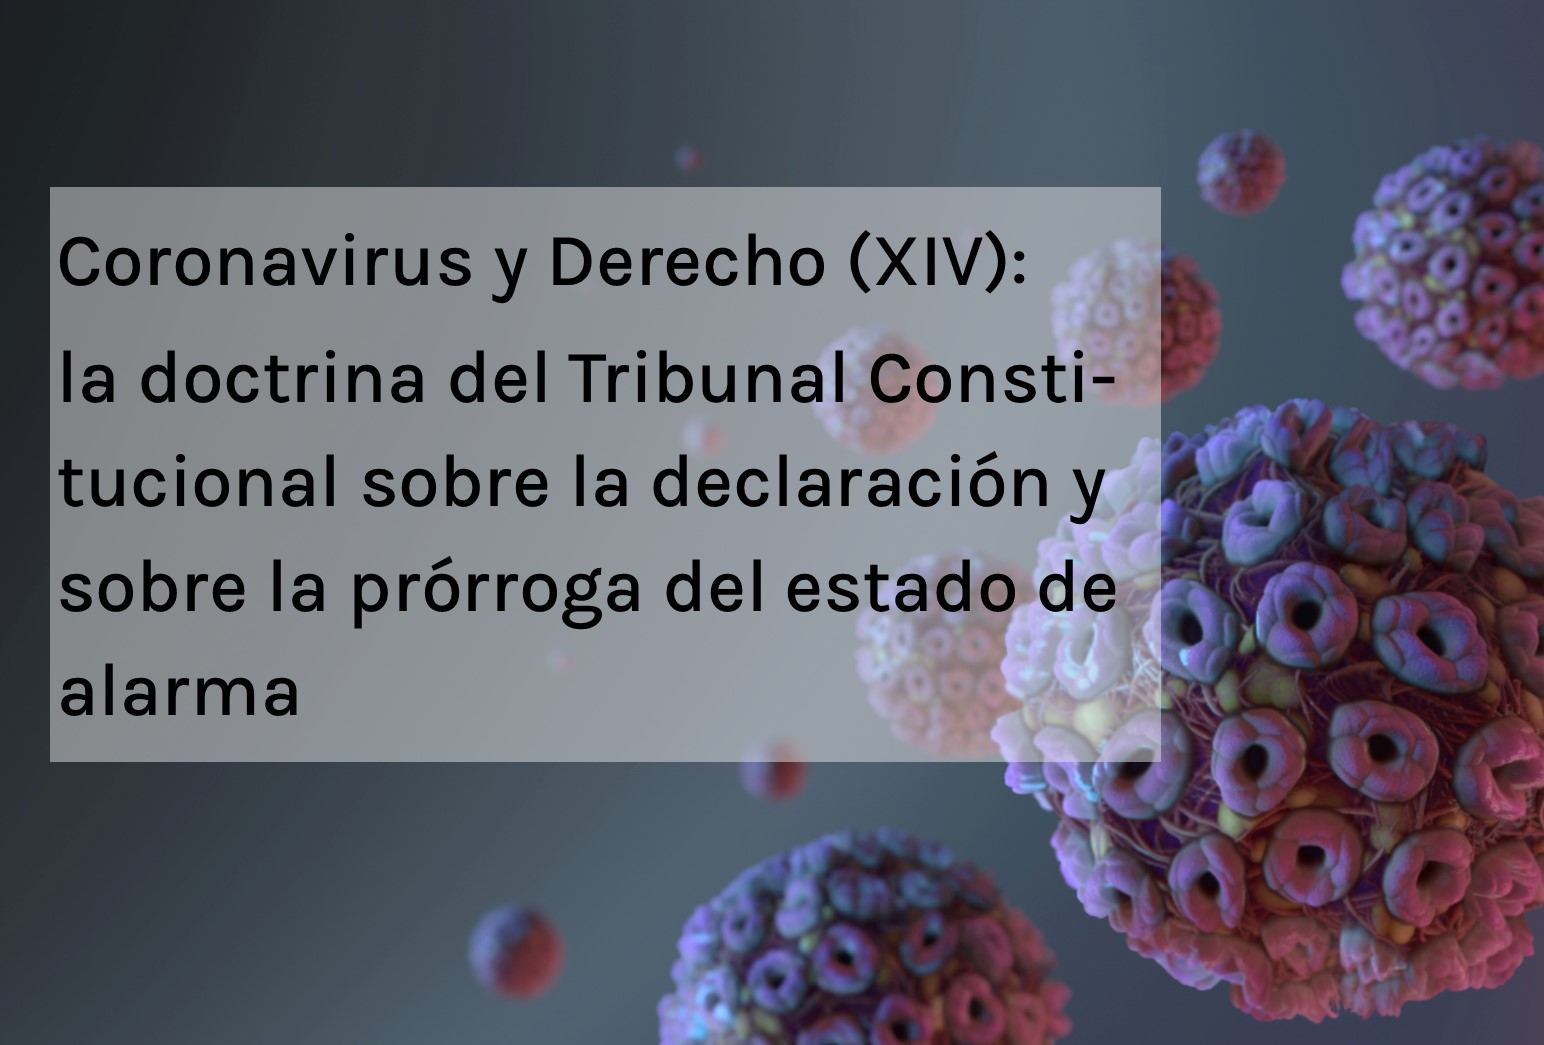 Coronavirus y Derecho XIV